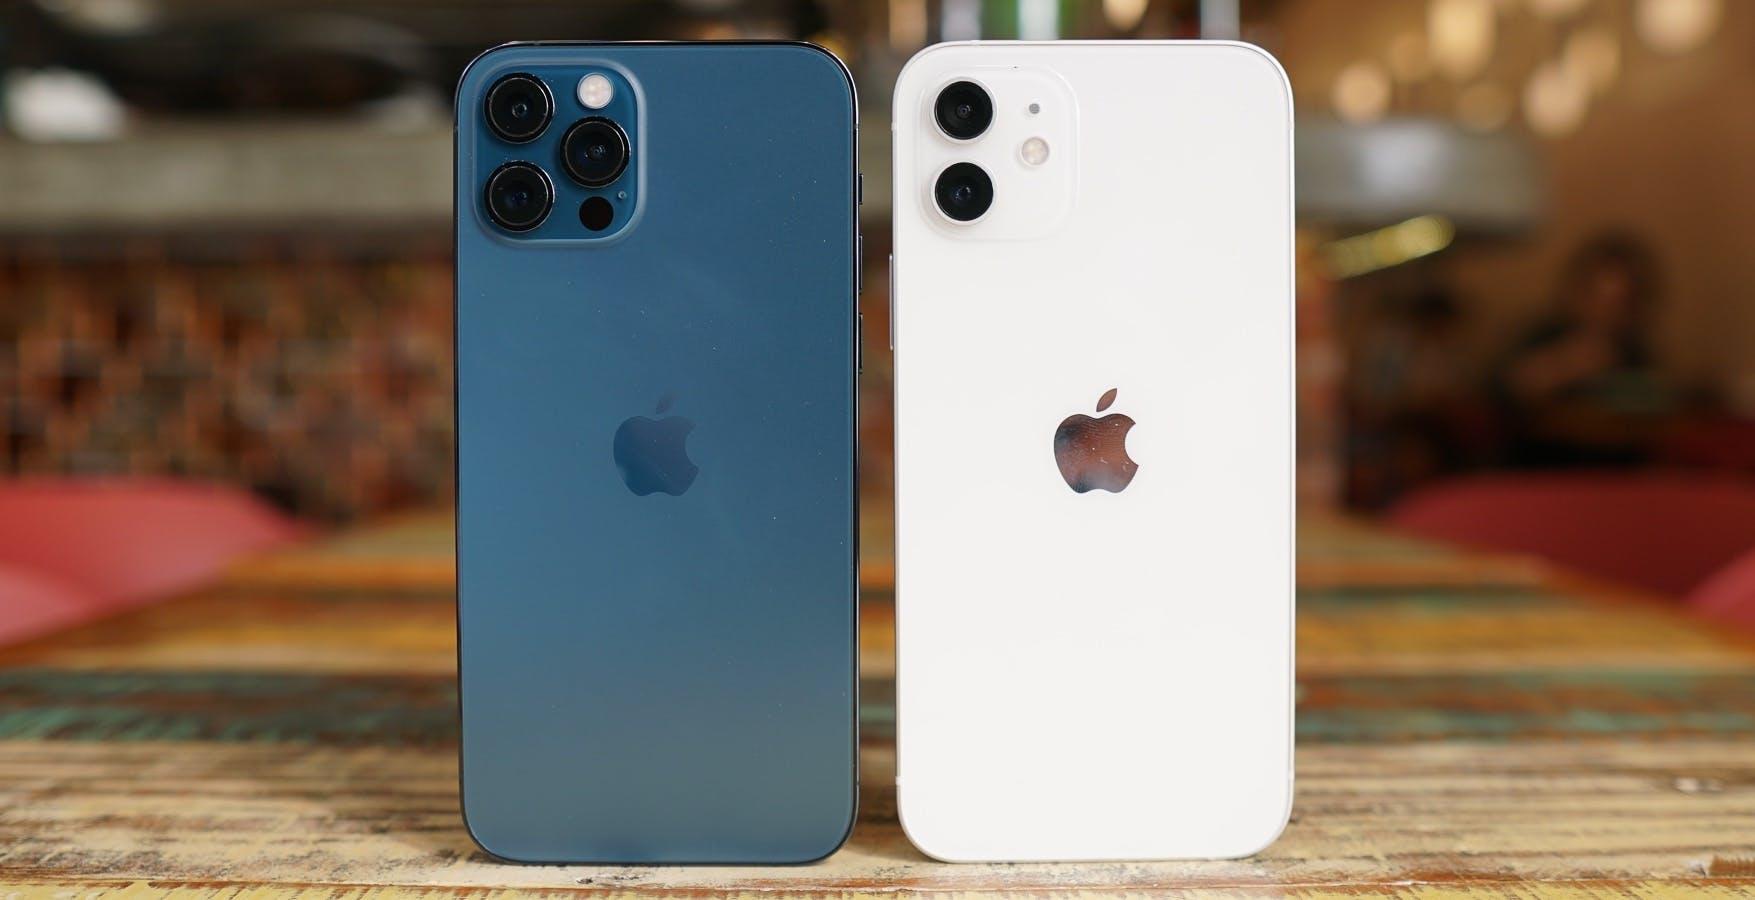 Gli iPhone 12 potranno ricaricare senza filo gli accessori. Gli indizi portano alle nuove AirPods